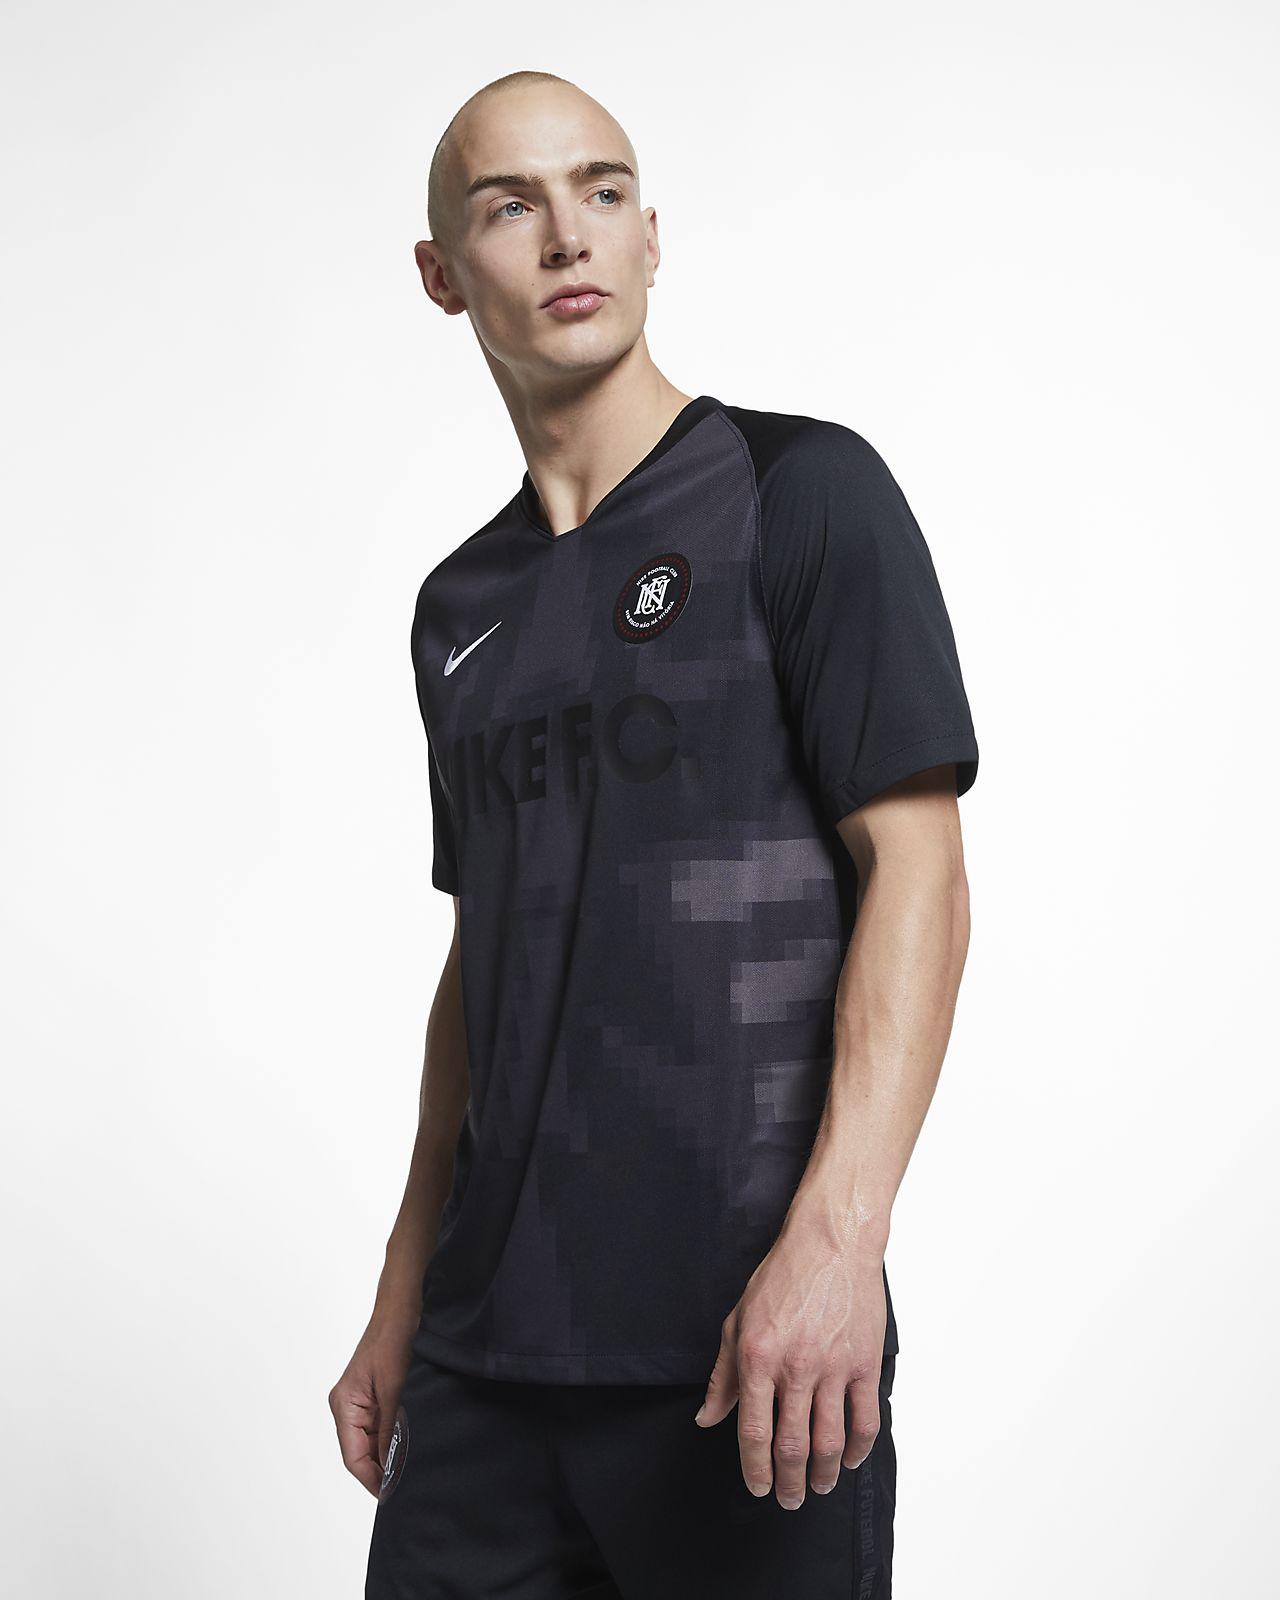 Nike F.C. Erkek Futbol Forması